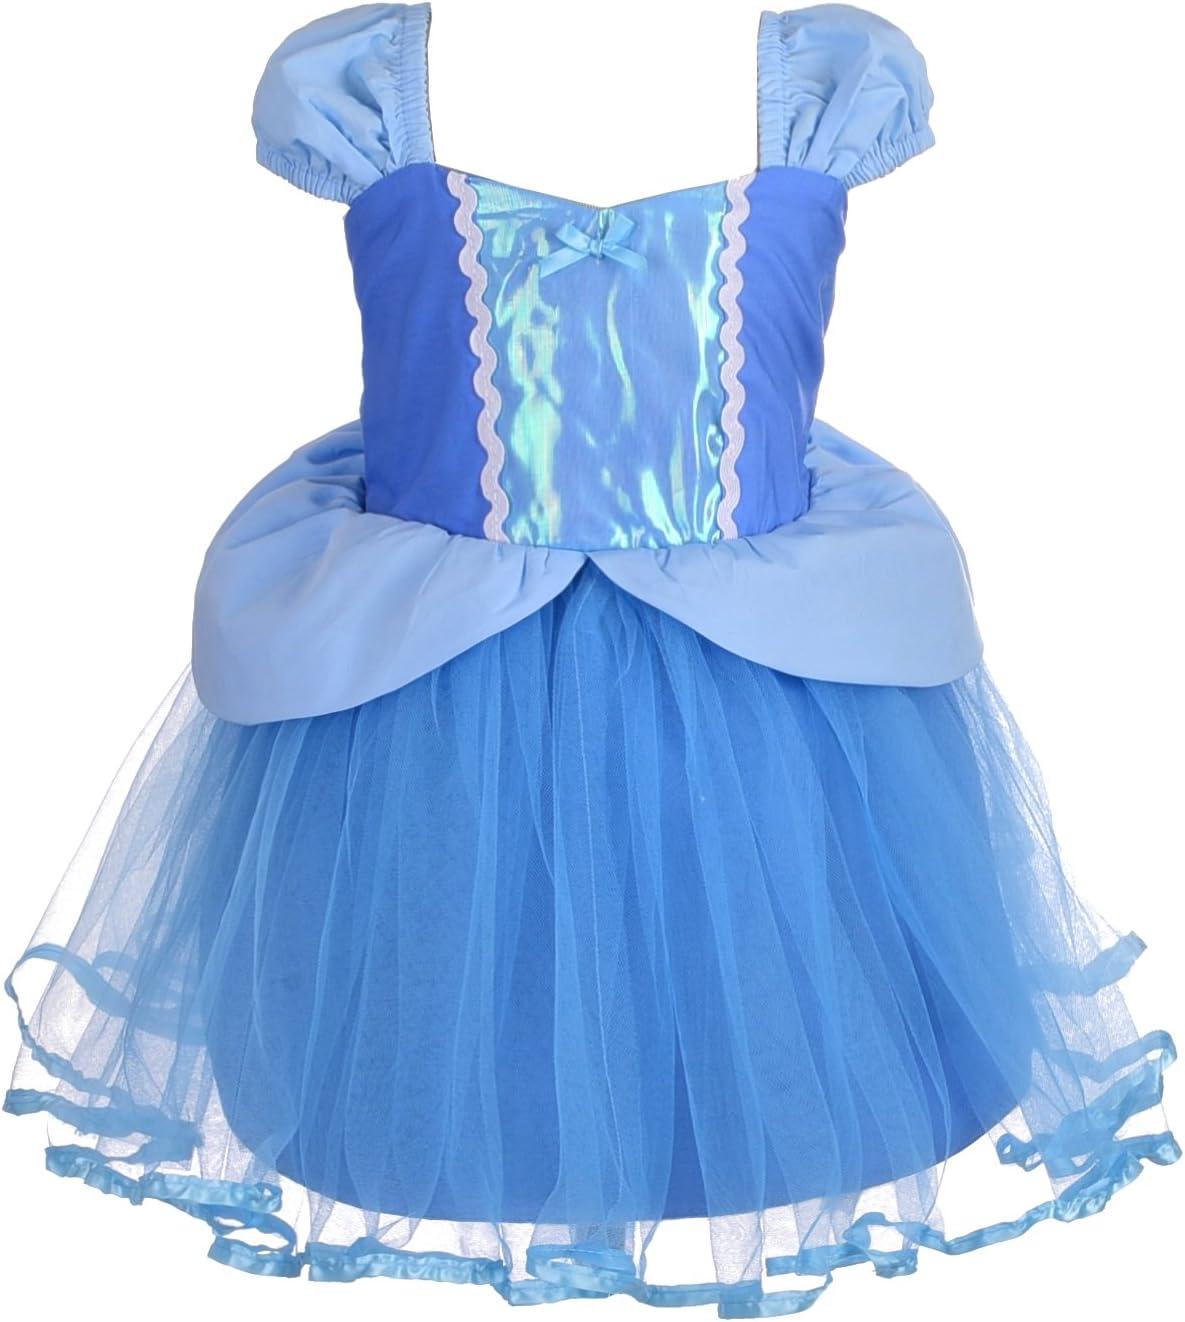 Lito Angels Princesa Cenicienta Vestir para Niñas Disfraz de Halloween Ropa Casual 3-4 años 107